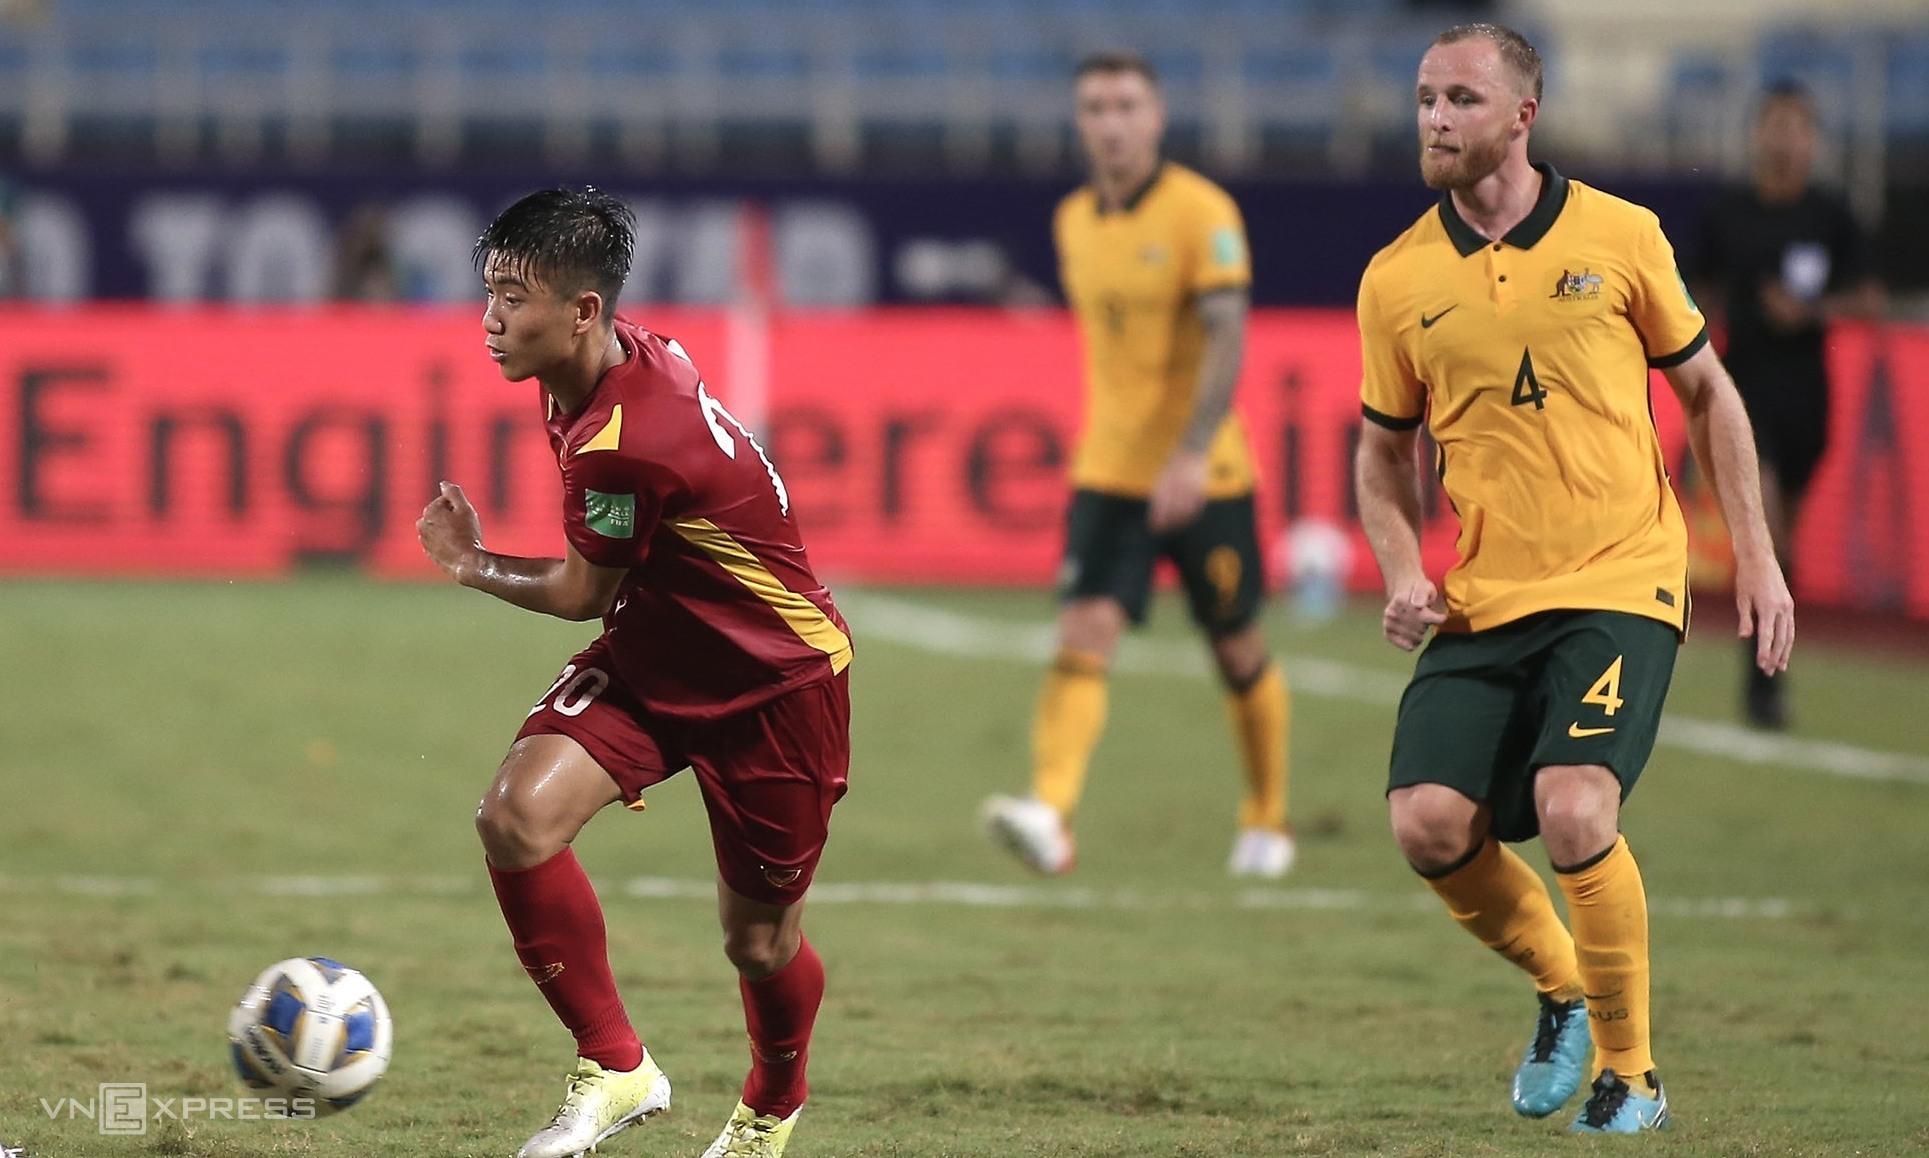 Grant (số 4) trong tình huống bị Phan Văn Đức vượt qua ở hiệp hai trận Việt Nam - Australia trên sân Mỹ Đình tối 7/9. Ảnh: Lâm Thoả